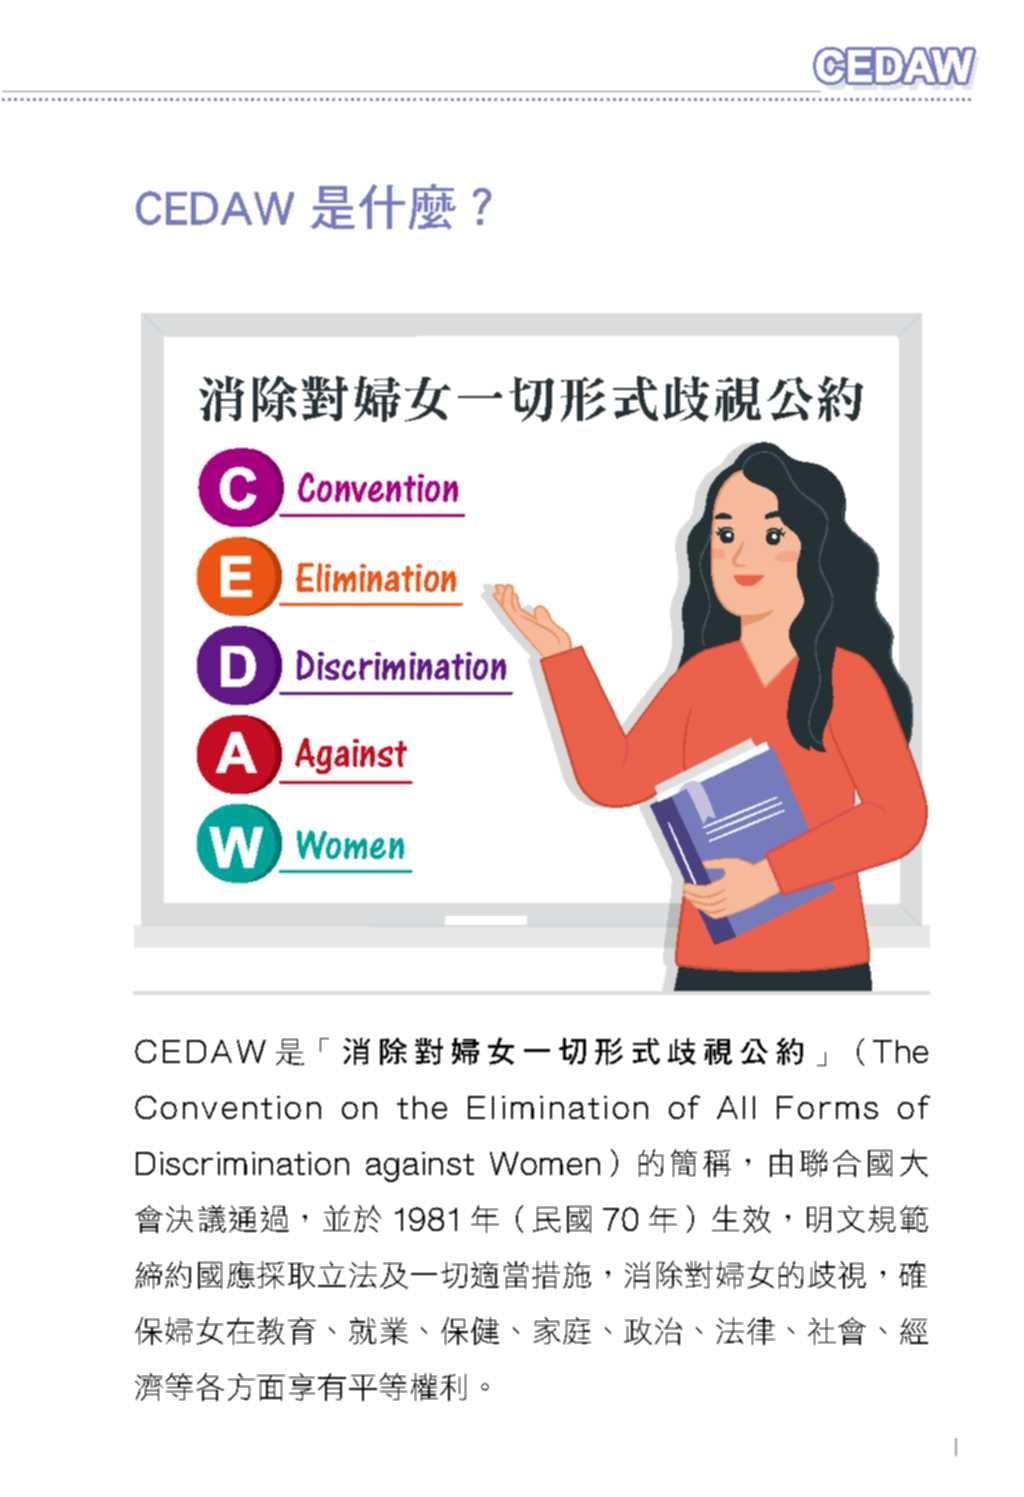 CEDAW是什麼